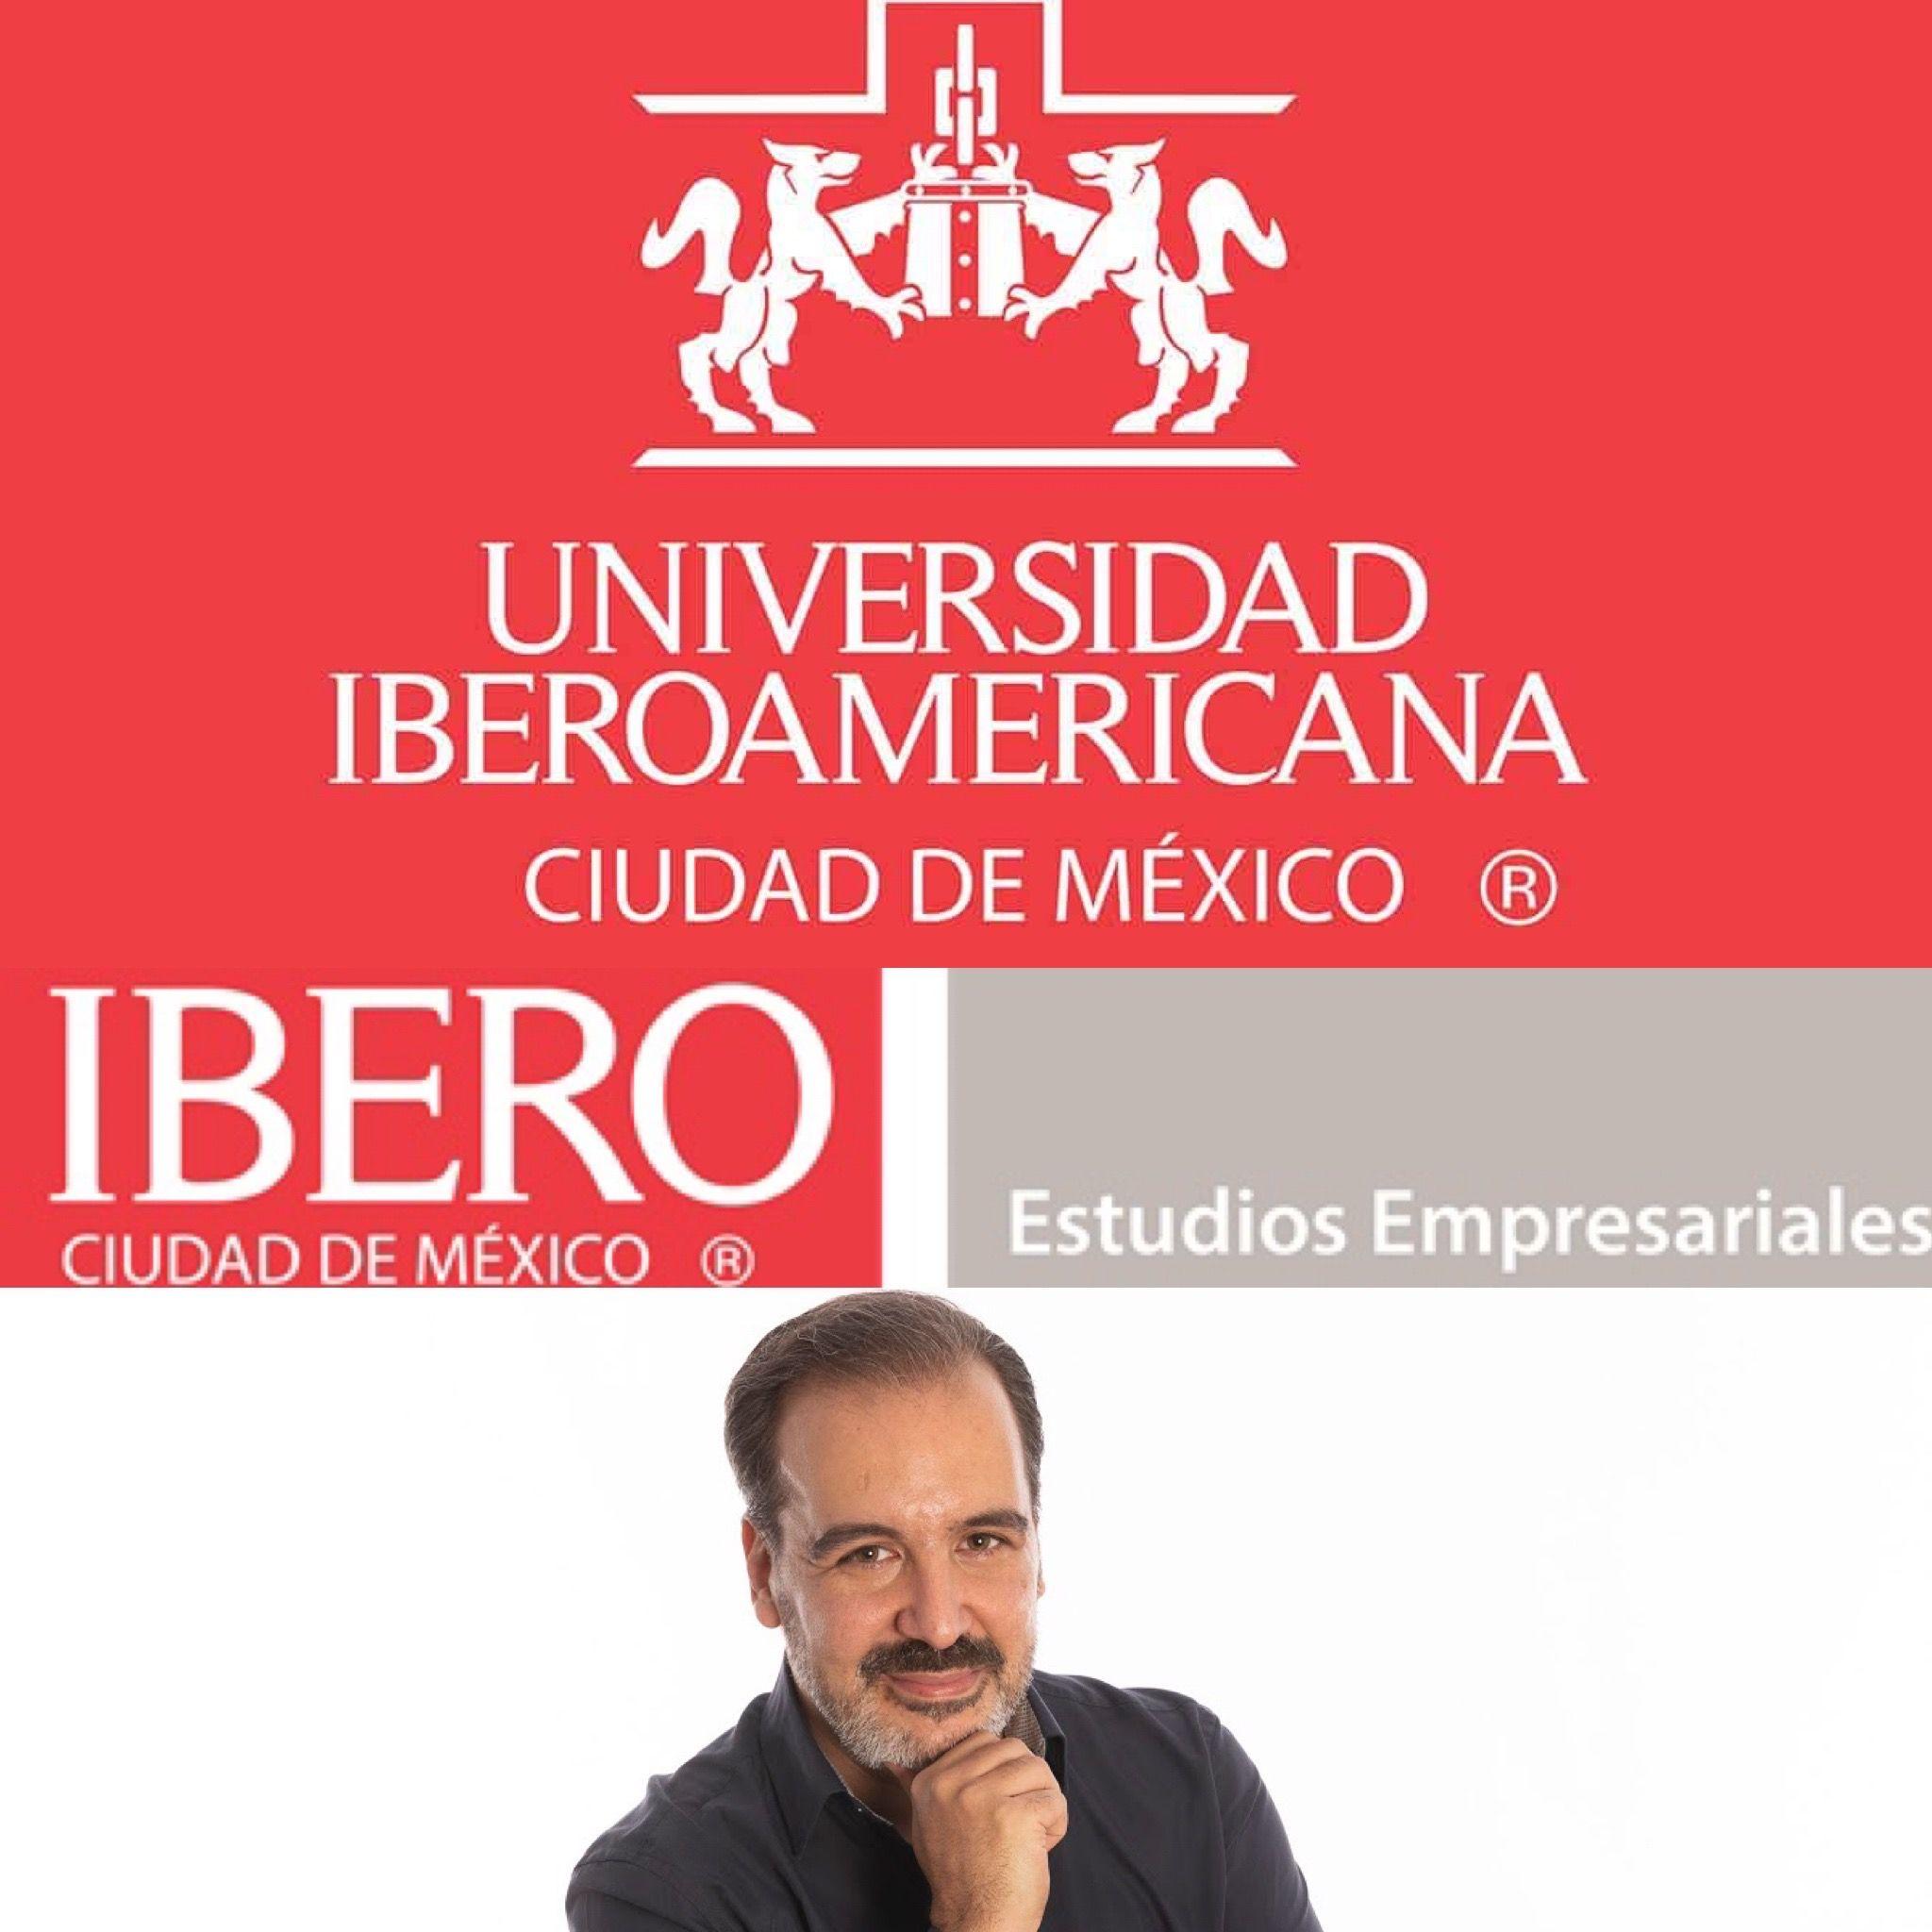 Universidad-de-Mexico.jpg